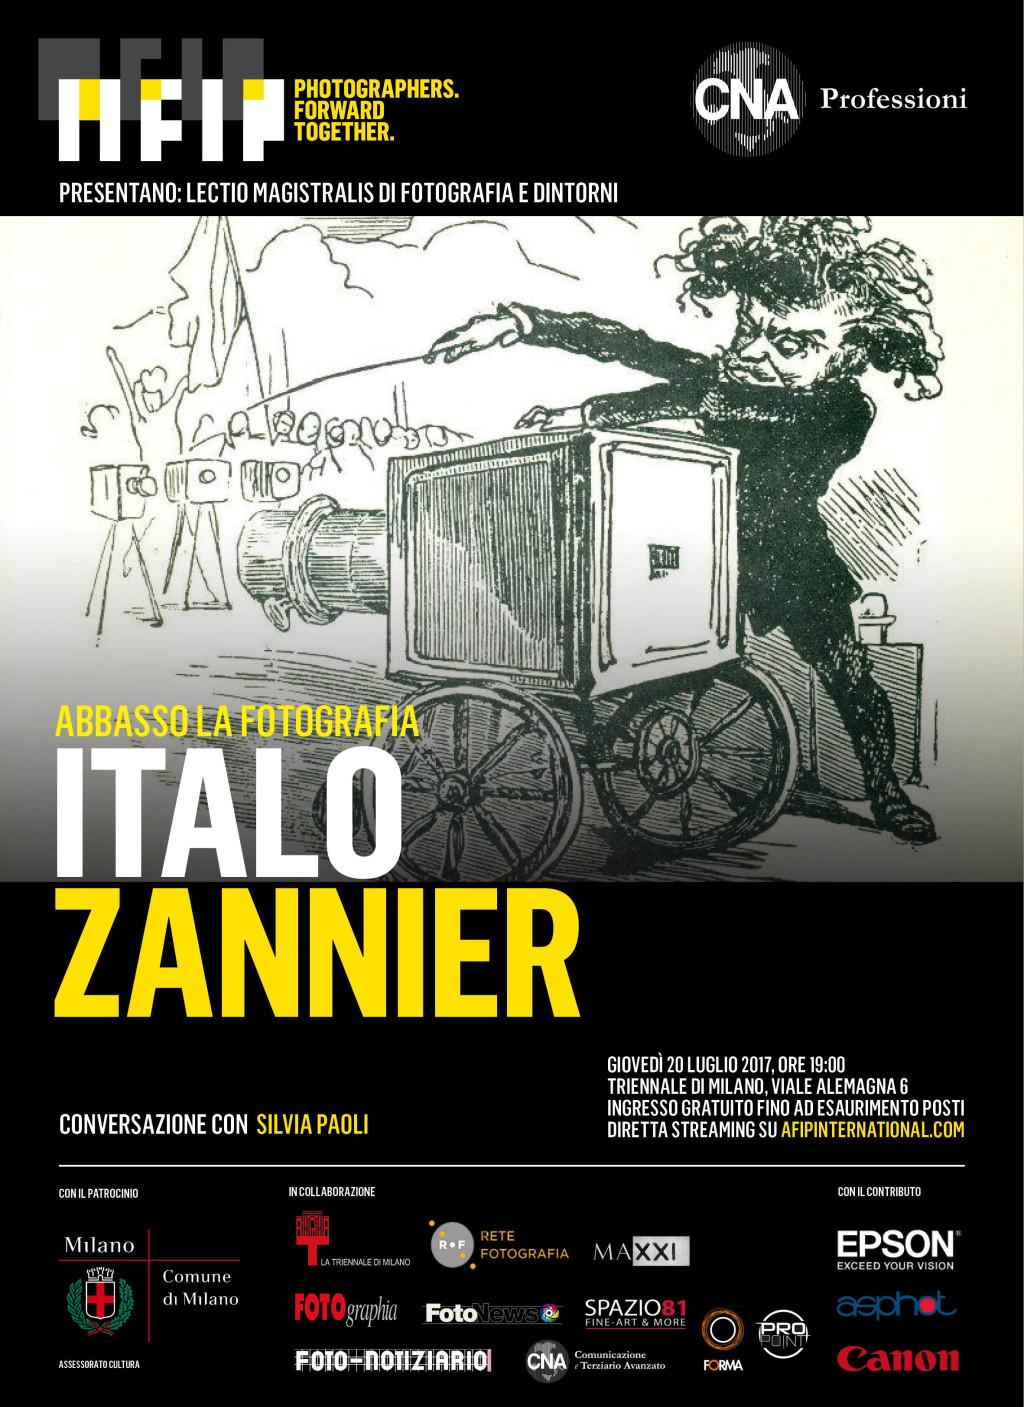 Lectio Magistralis di Fotografia e Dintorni – Italo Zannier. Abbasso la fotografia